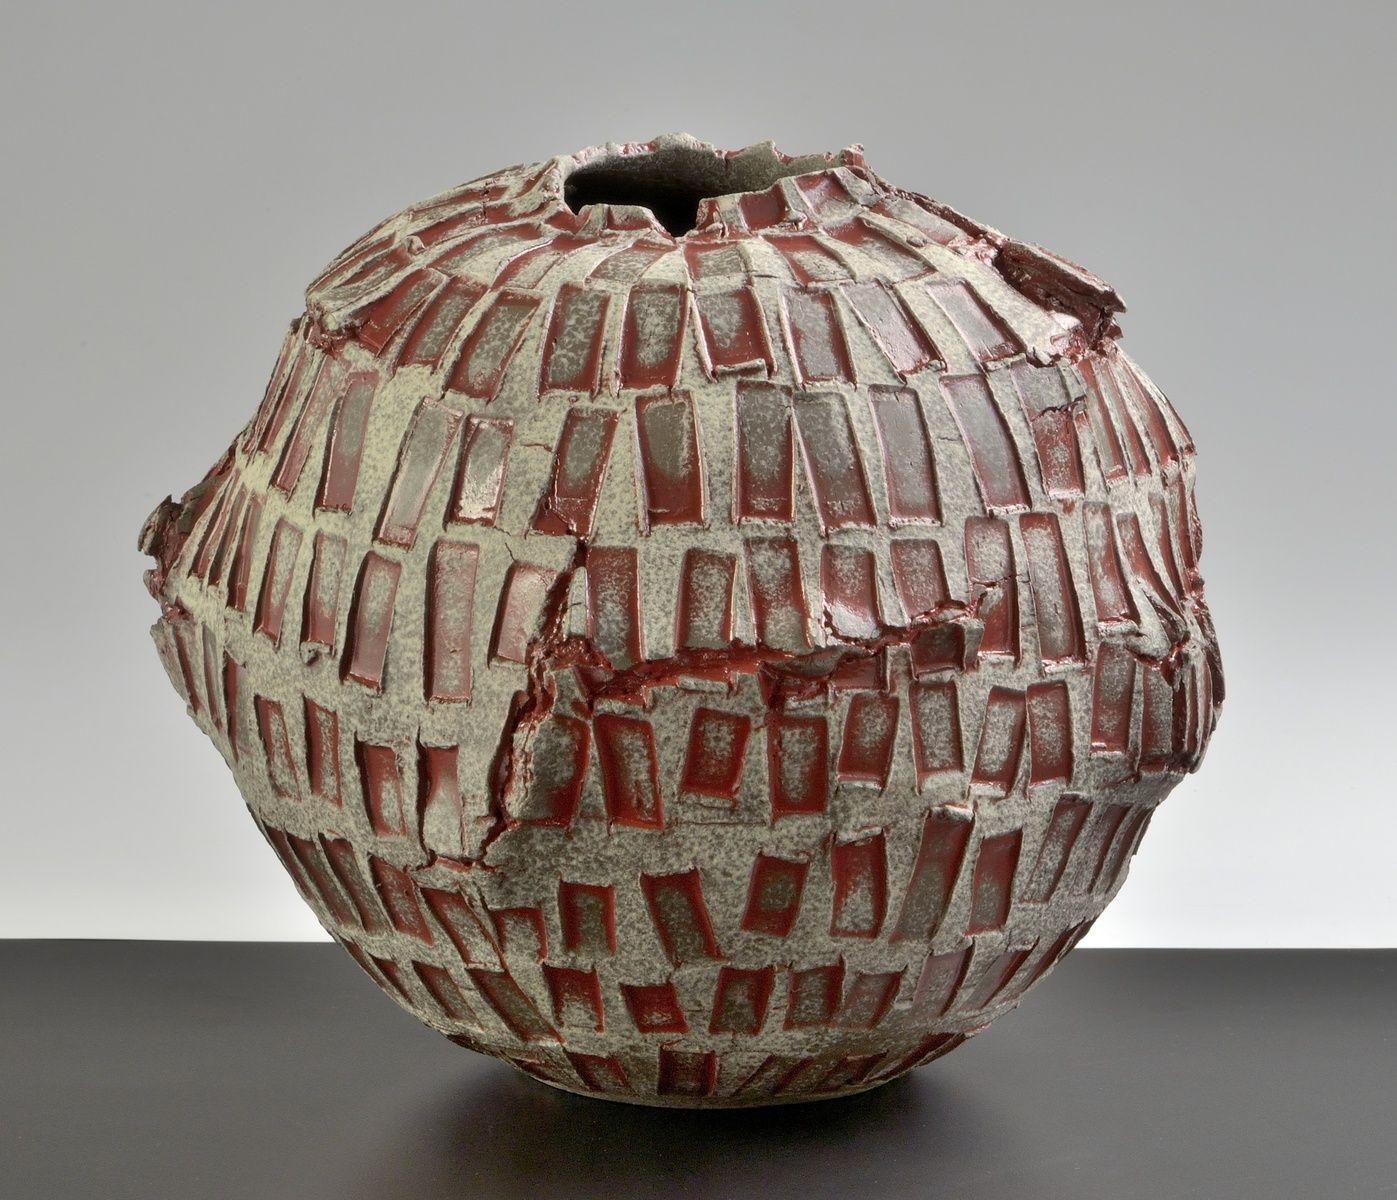 boyan moskov ceramic studio work keramiek boyan moskov ceramic studio work